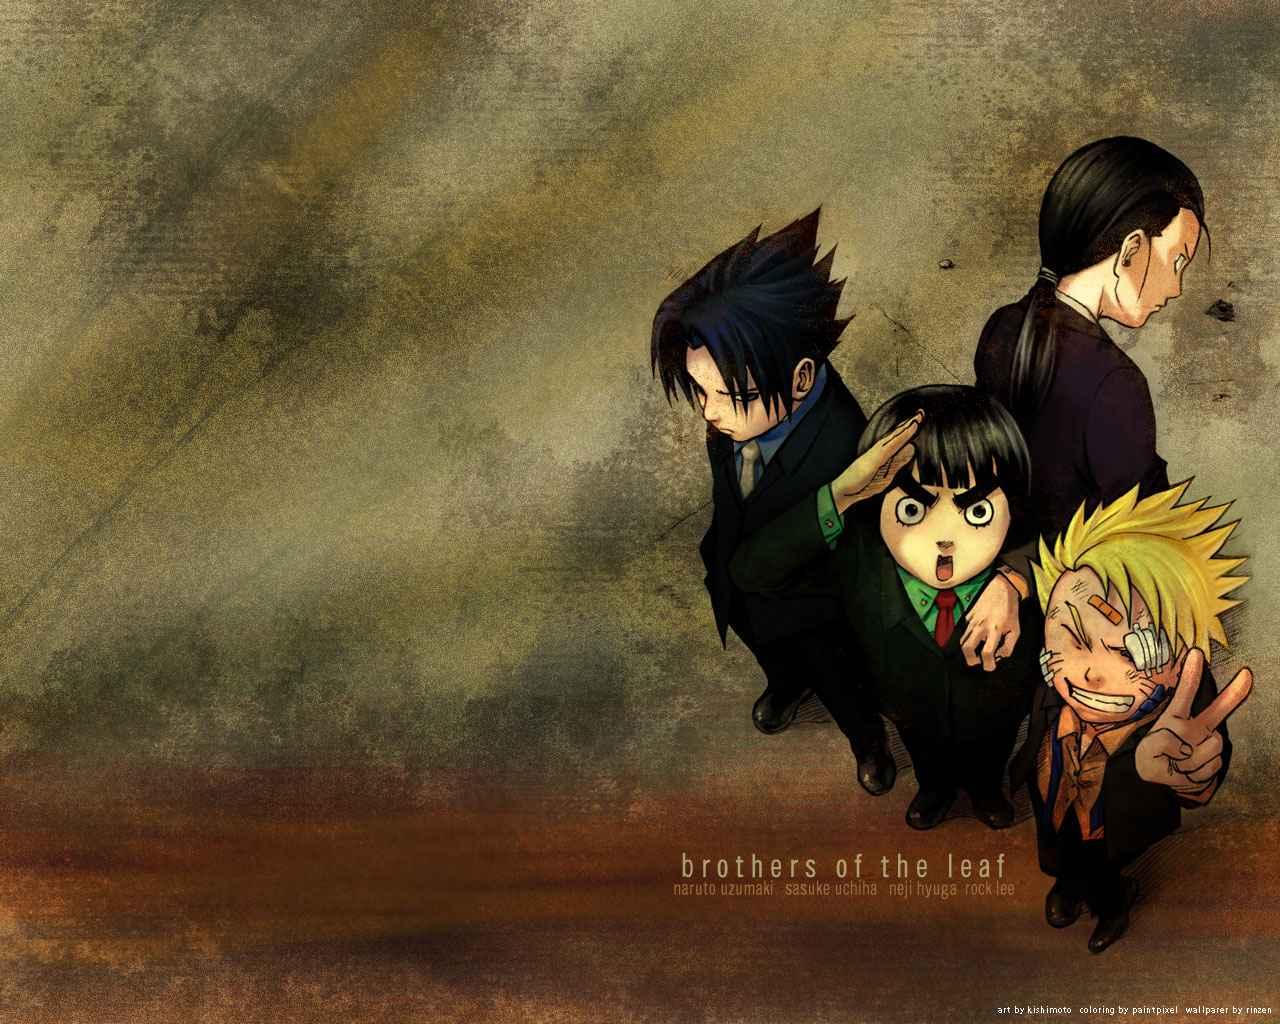 http://1.bp.blogspot.com/-6IKylWOpuPg/Th5ZTRKWf5I/AAAAAAAAAOU/64zbzW7EBm4/s1600/naruto+wallpaper.jpg